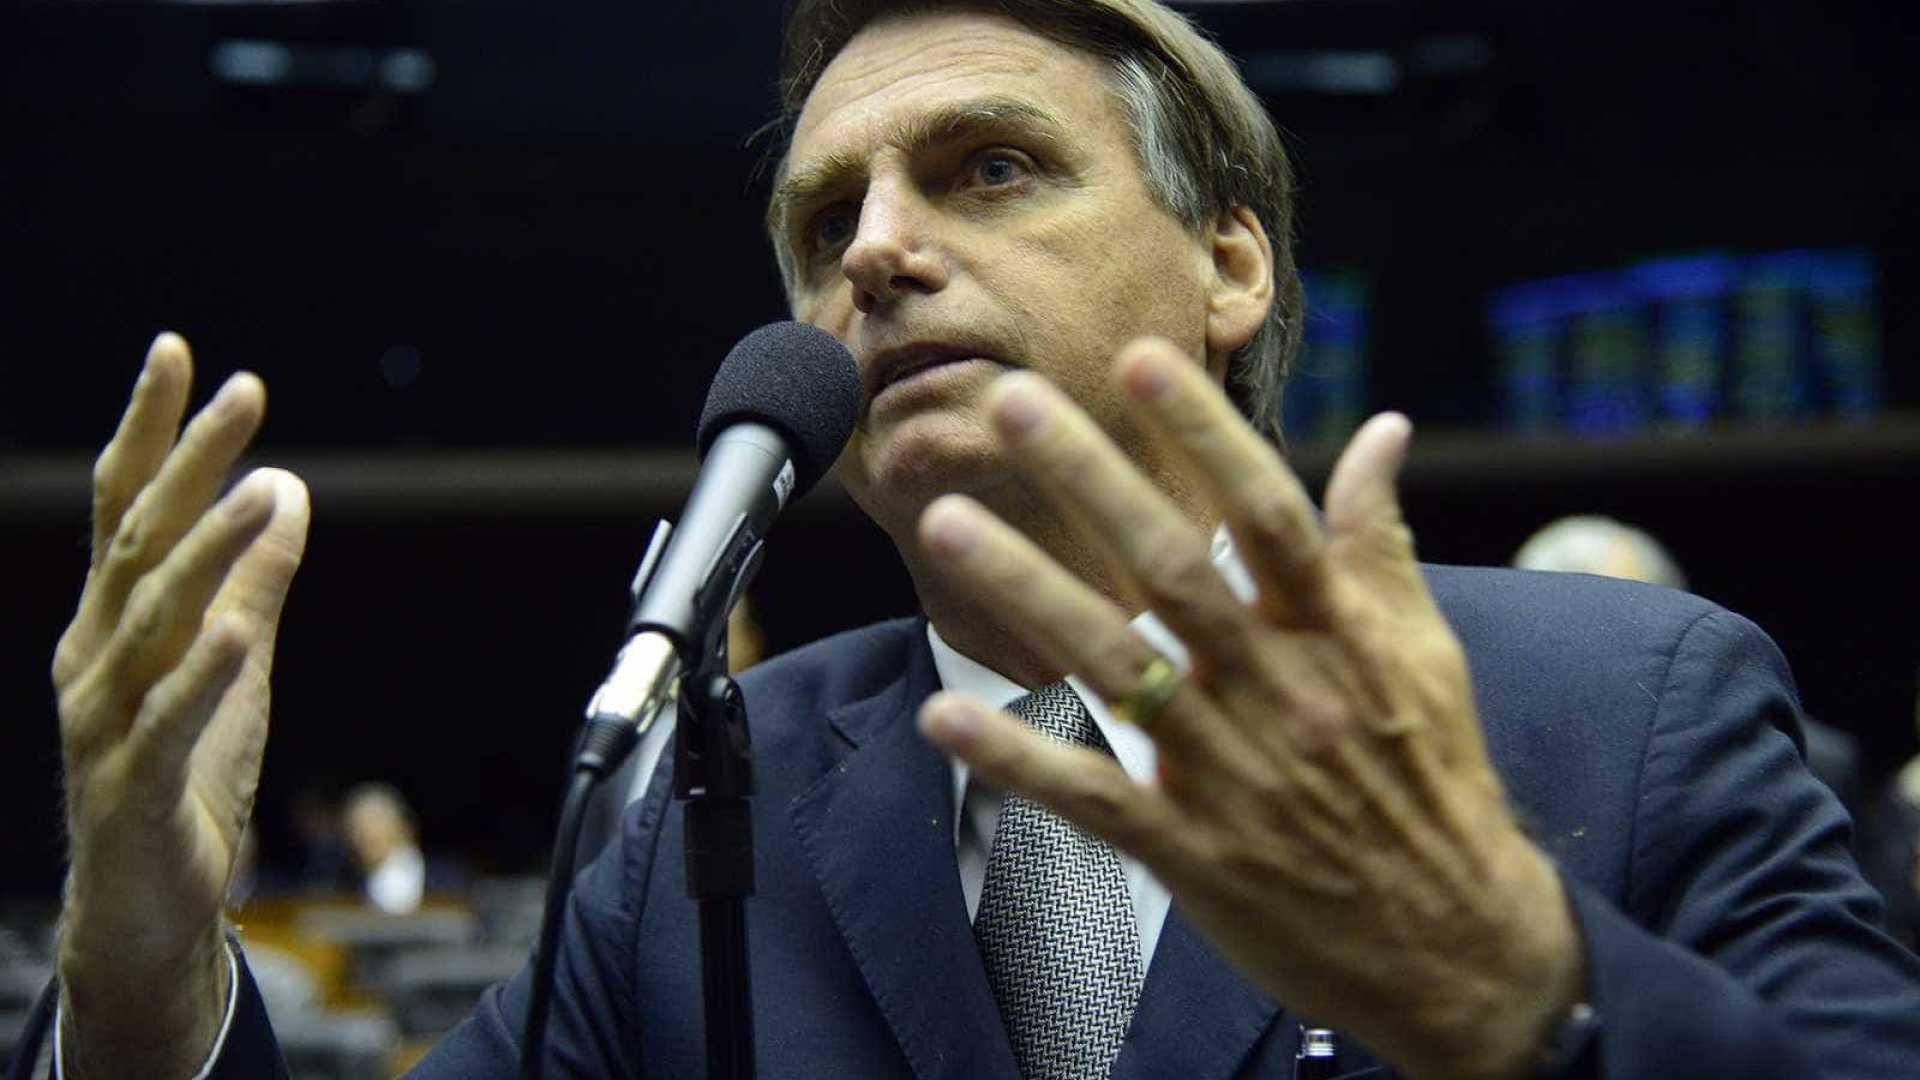 naom 5a89a9d16c8db - 'Chega de frescura', diz Bolsonaro sobre polêmica com criança e arma